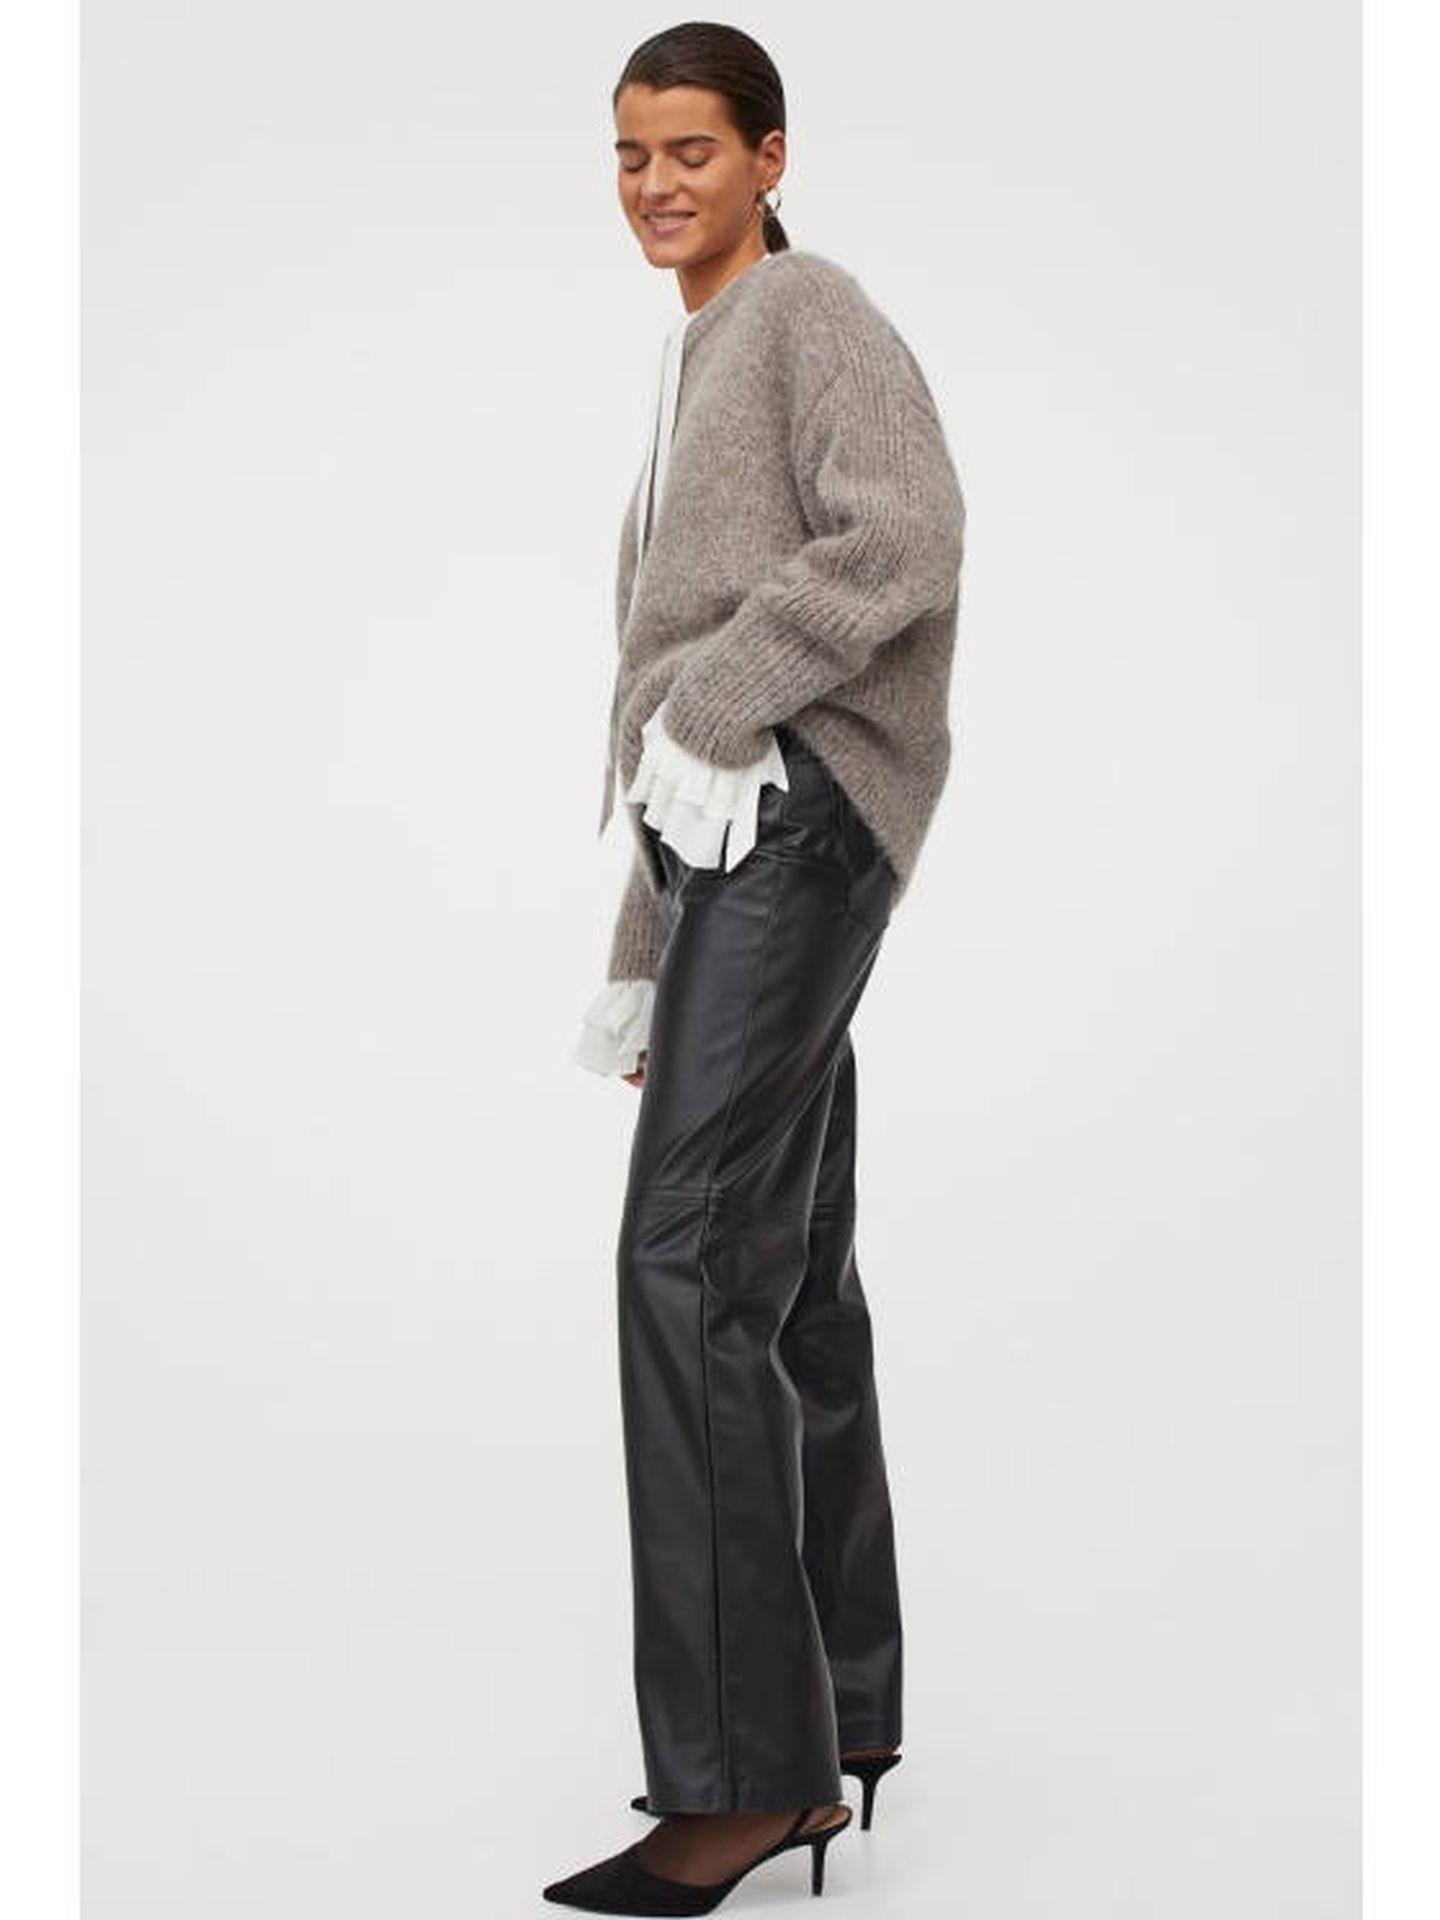 El pantalón de HyM. (Cortesía)